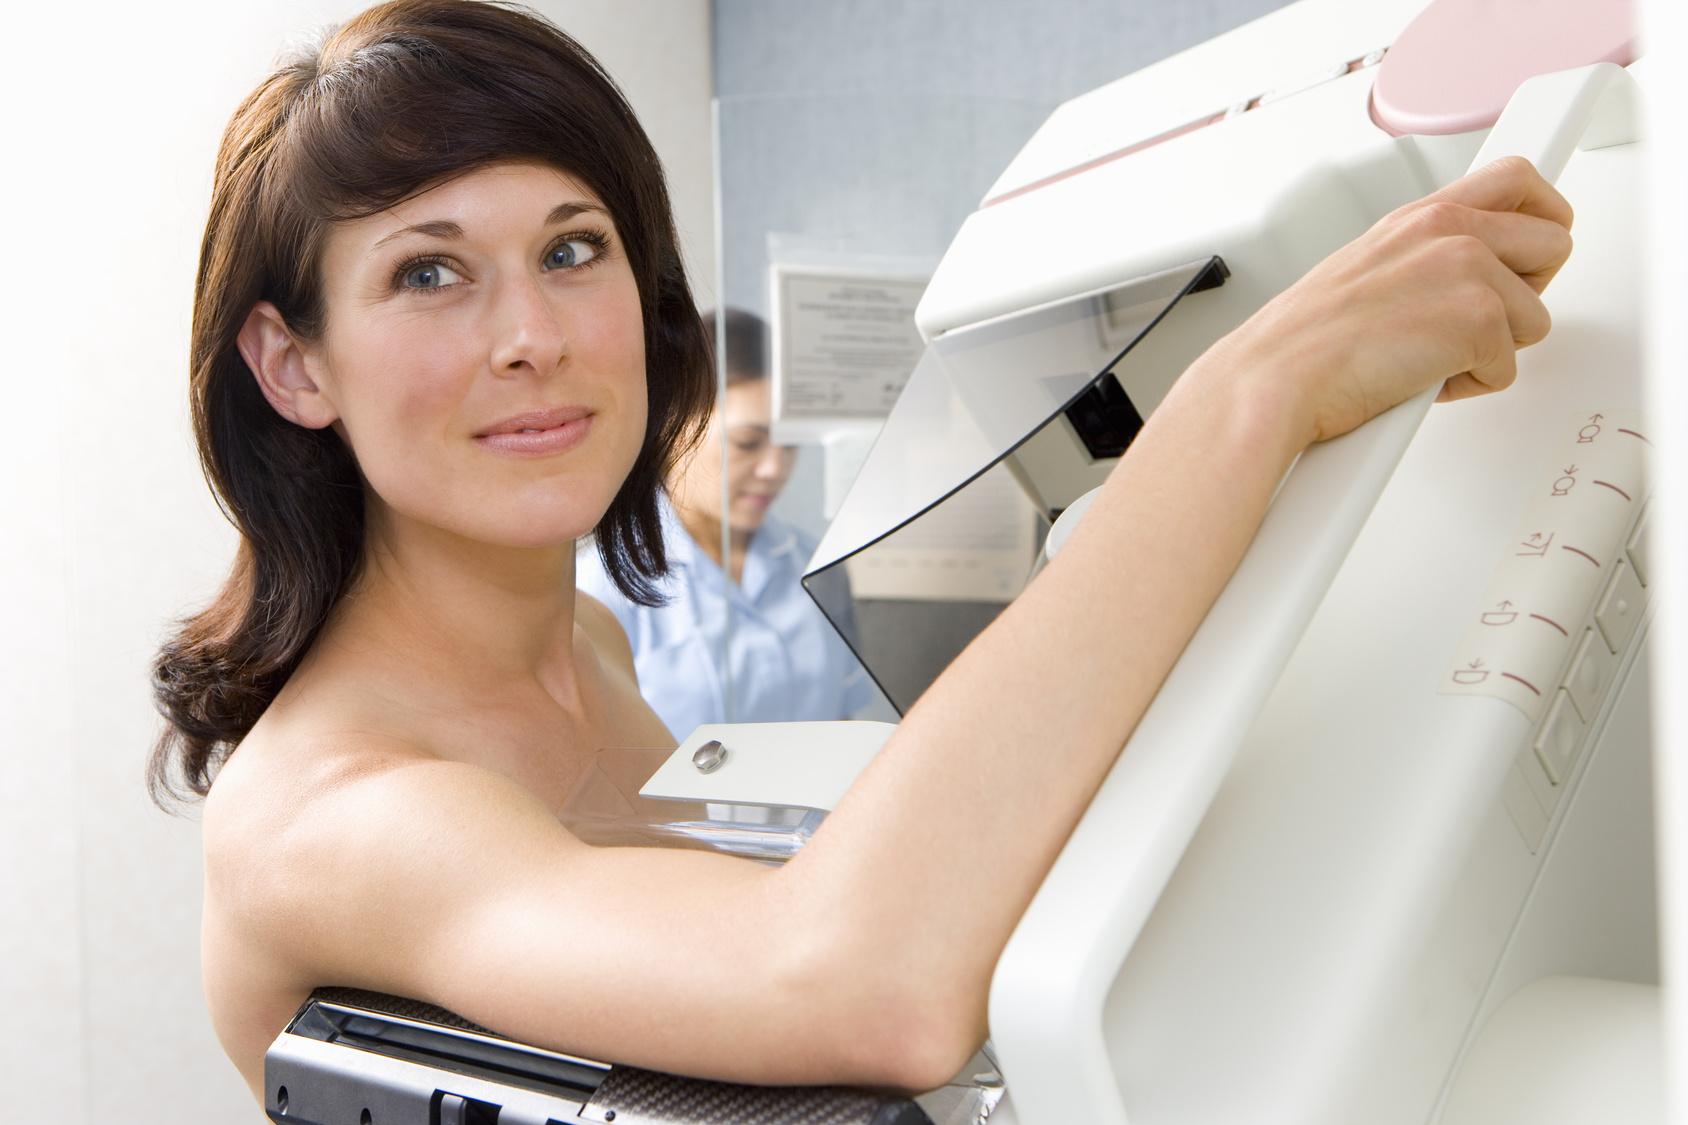 Examen de mama a través de un estudio mamográfico